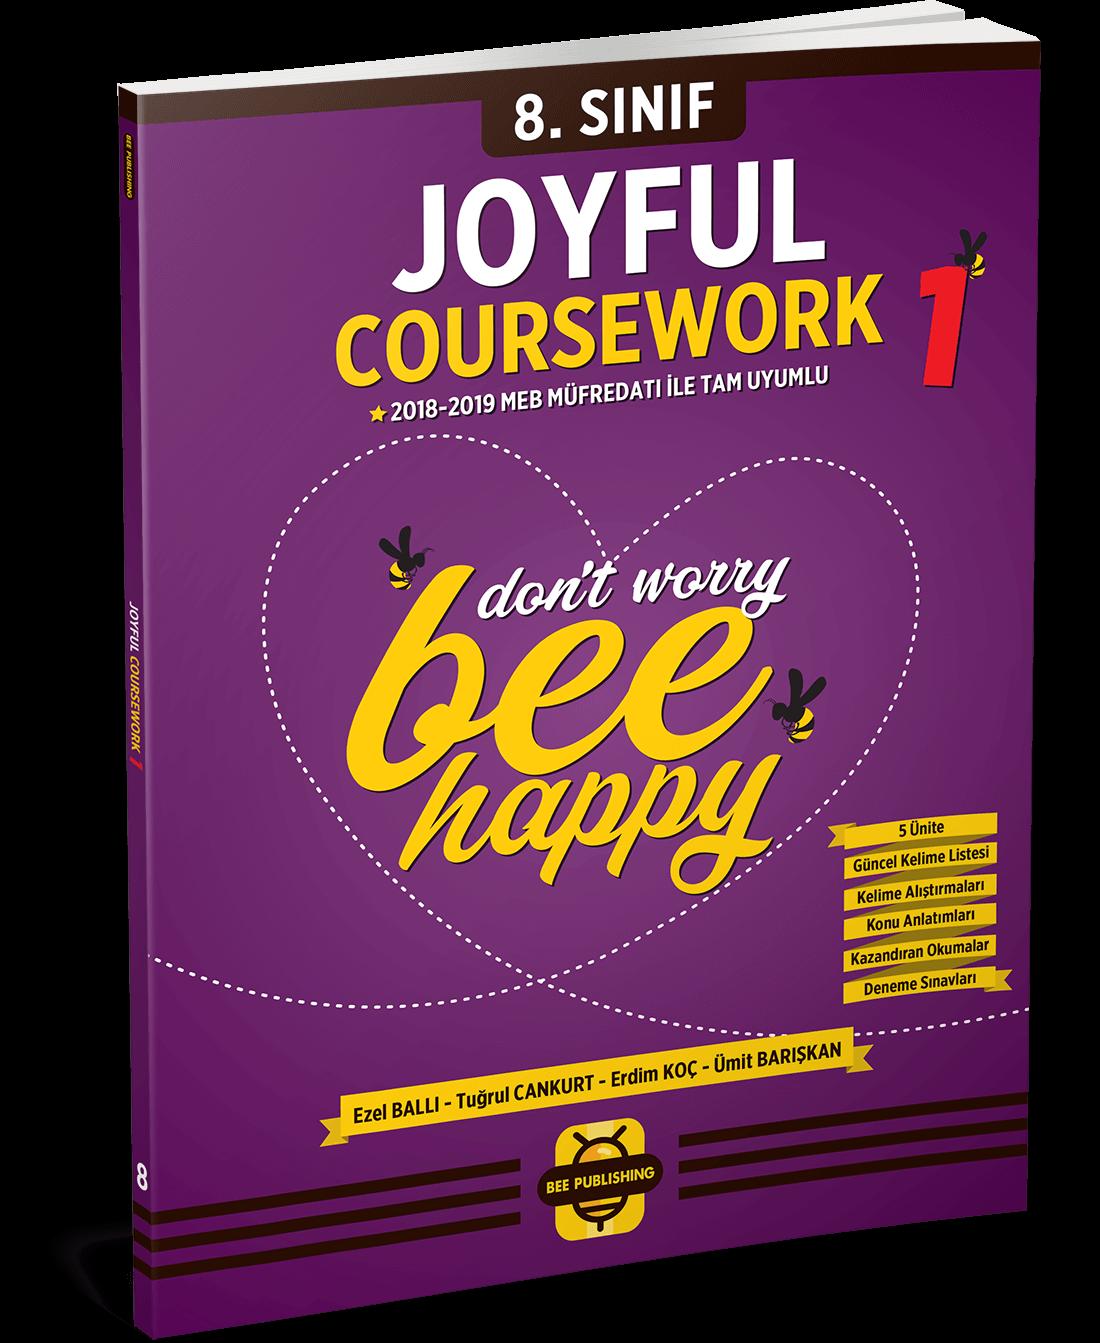 Joyful Coursework (1) 8. Sınıf